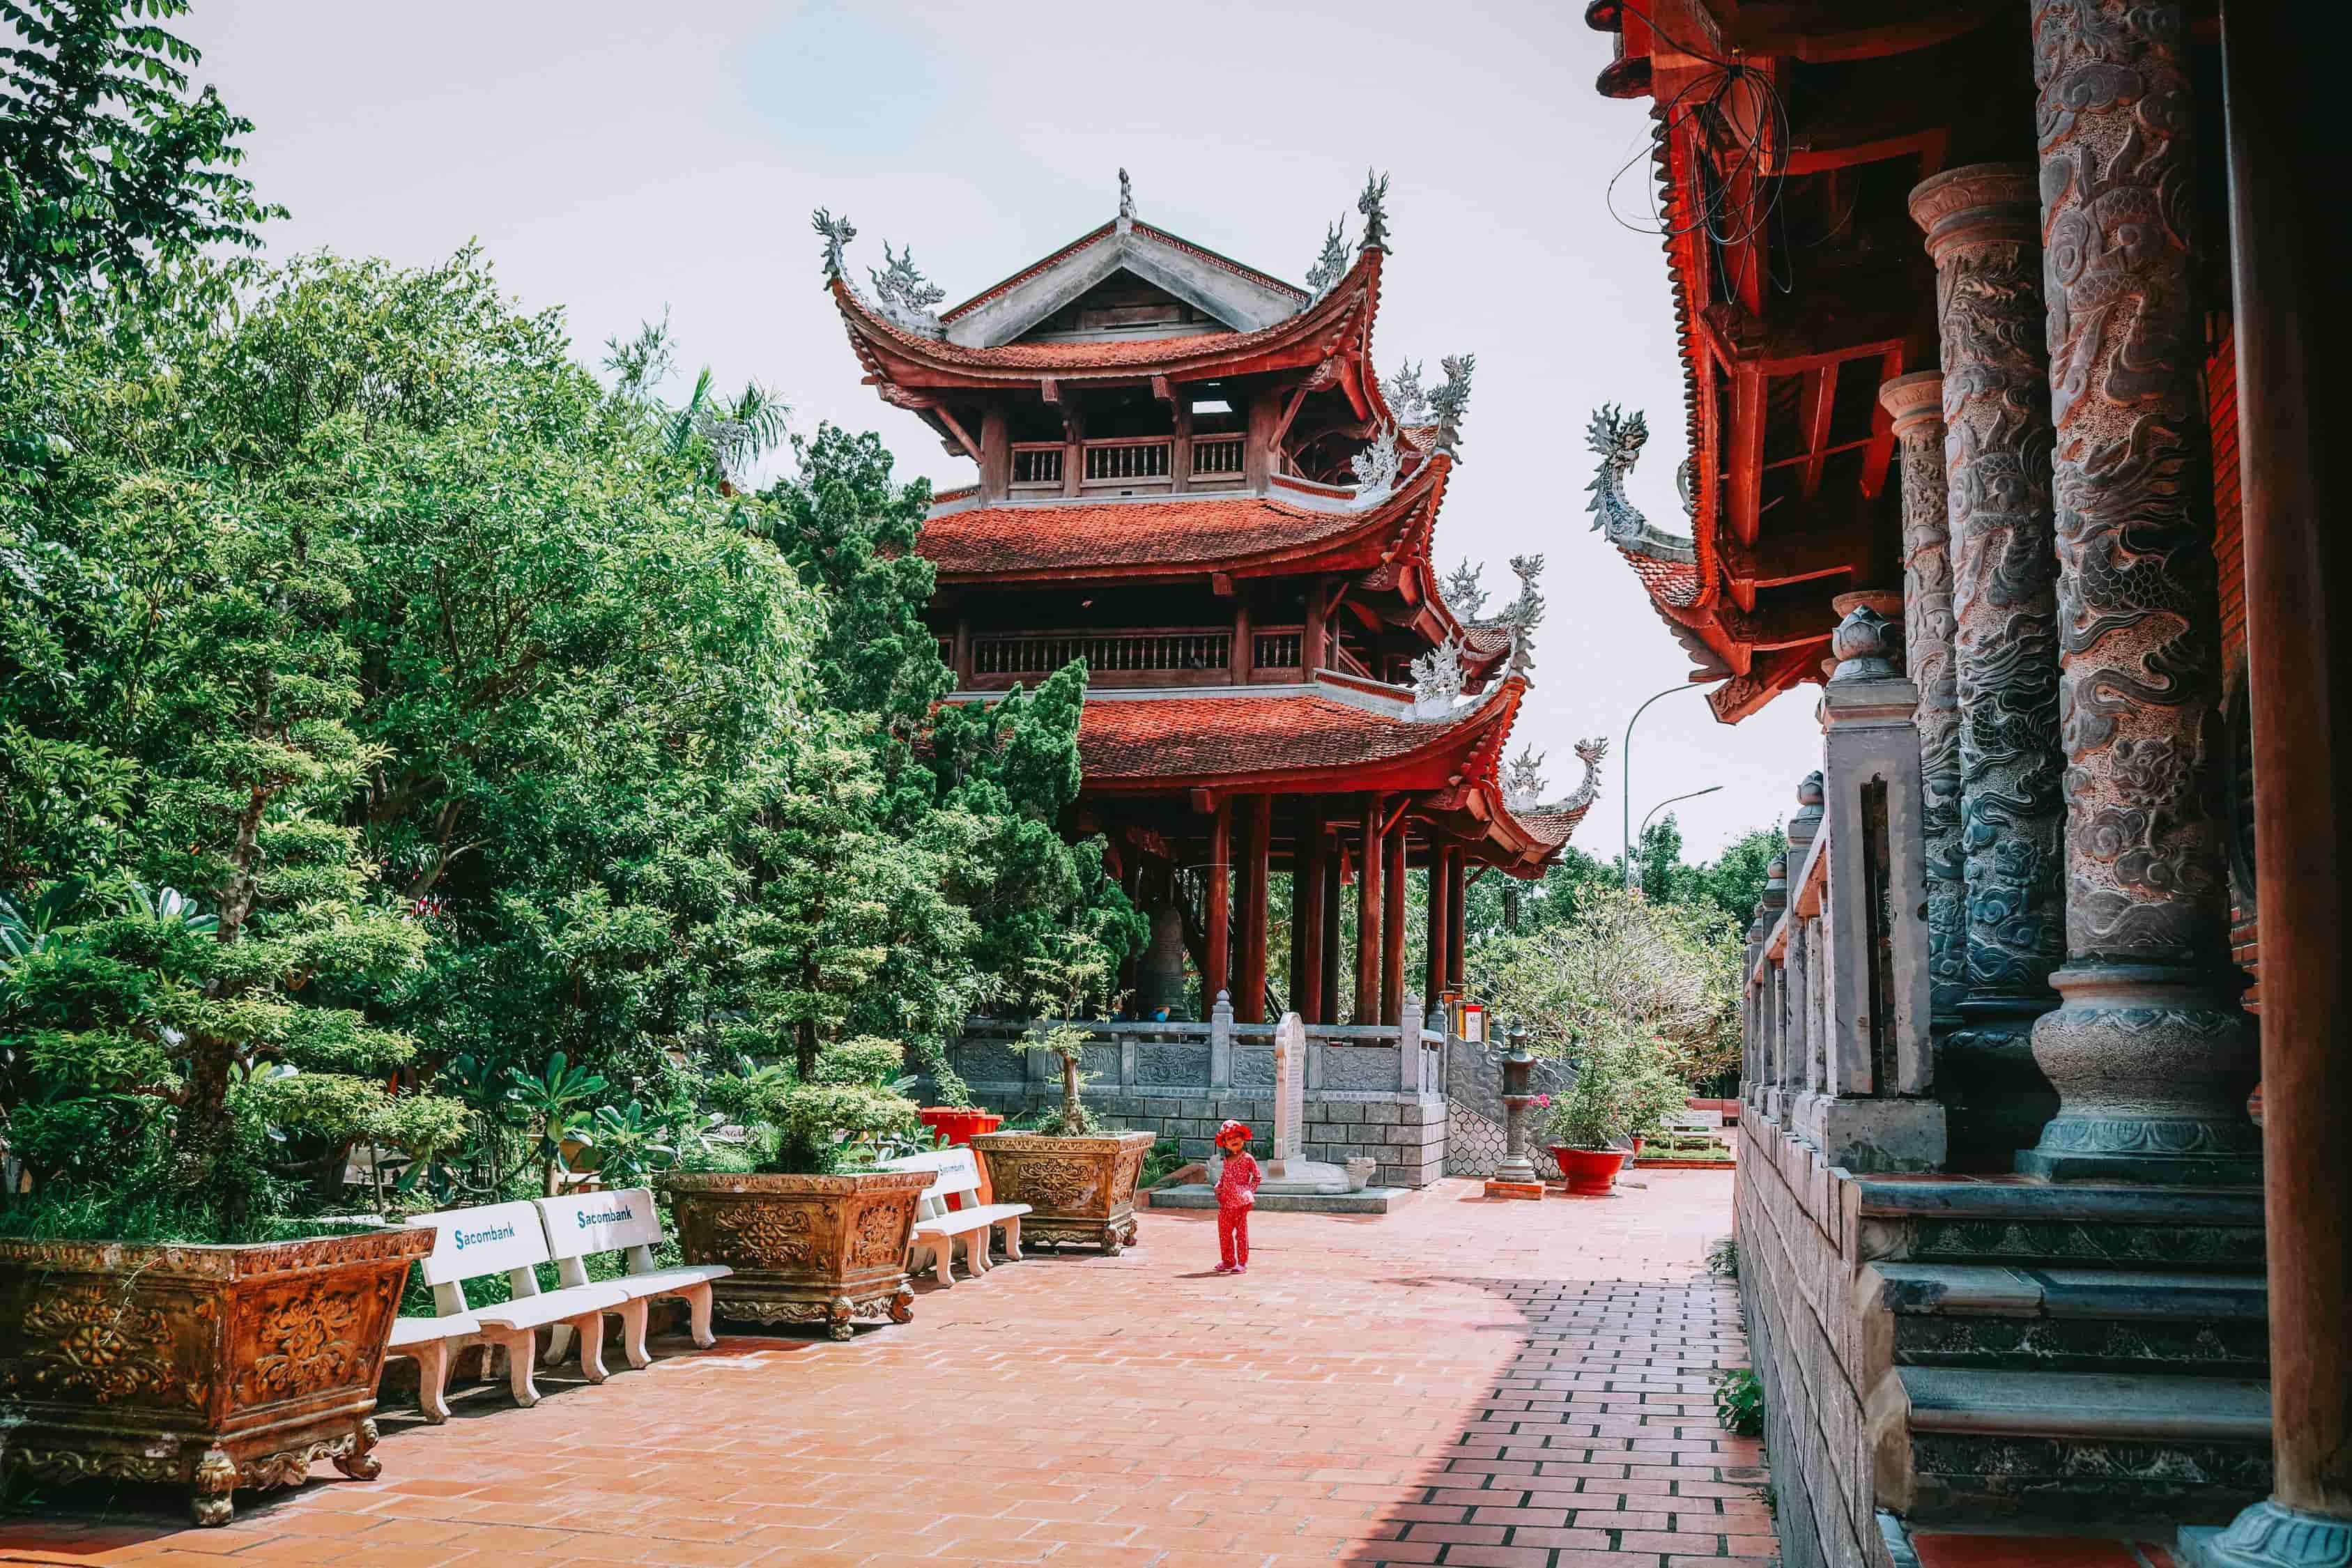 Đến Lạng Sơn đừng bỏ qua những ngôi đền chùa đẹp này!